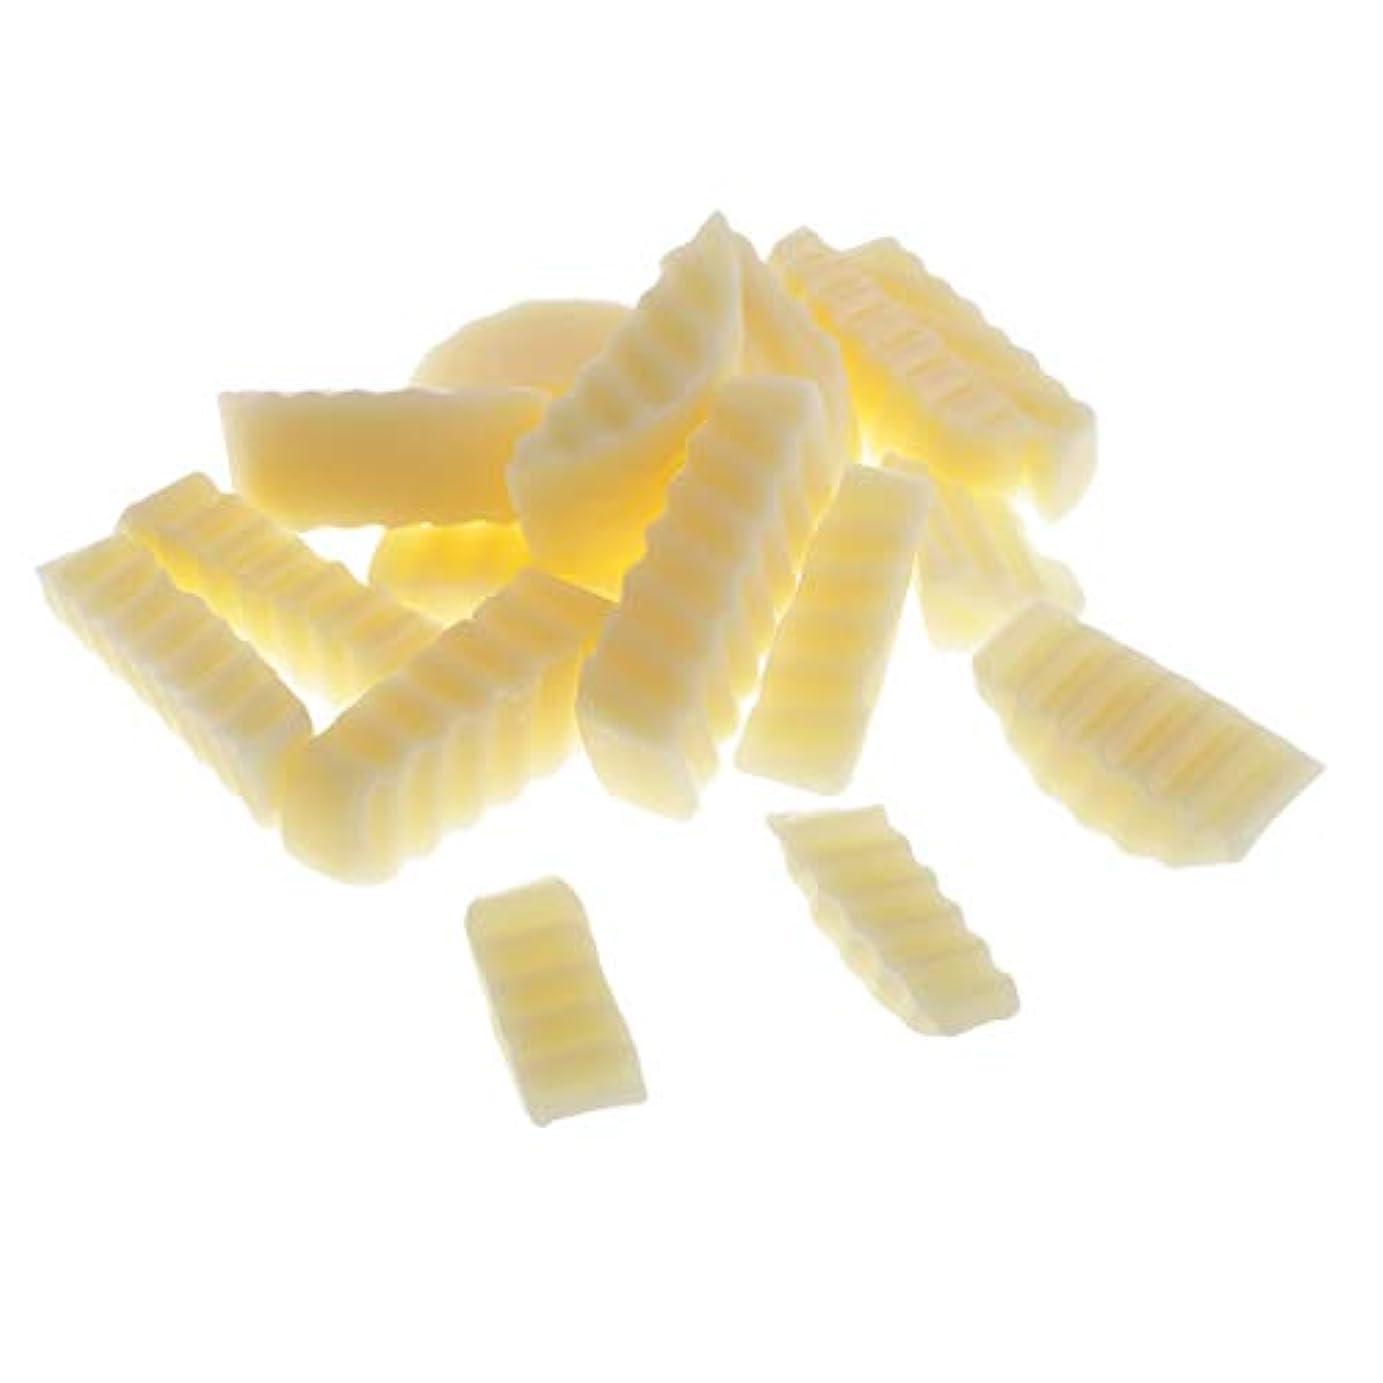 葉多様体首D DOLITY ラノリン石鹸 自然な素材 DIY工芸品 手作り 石鹸 固形せっけん 約250g /パック